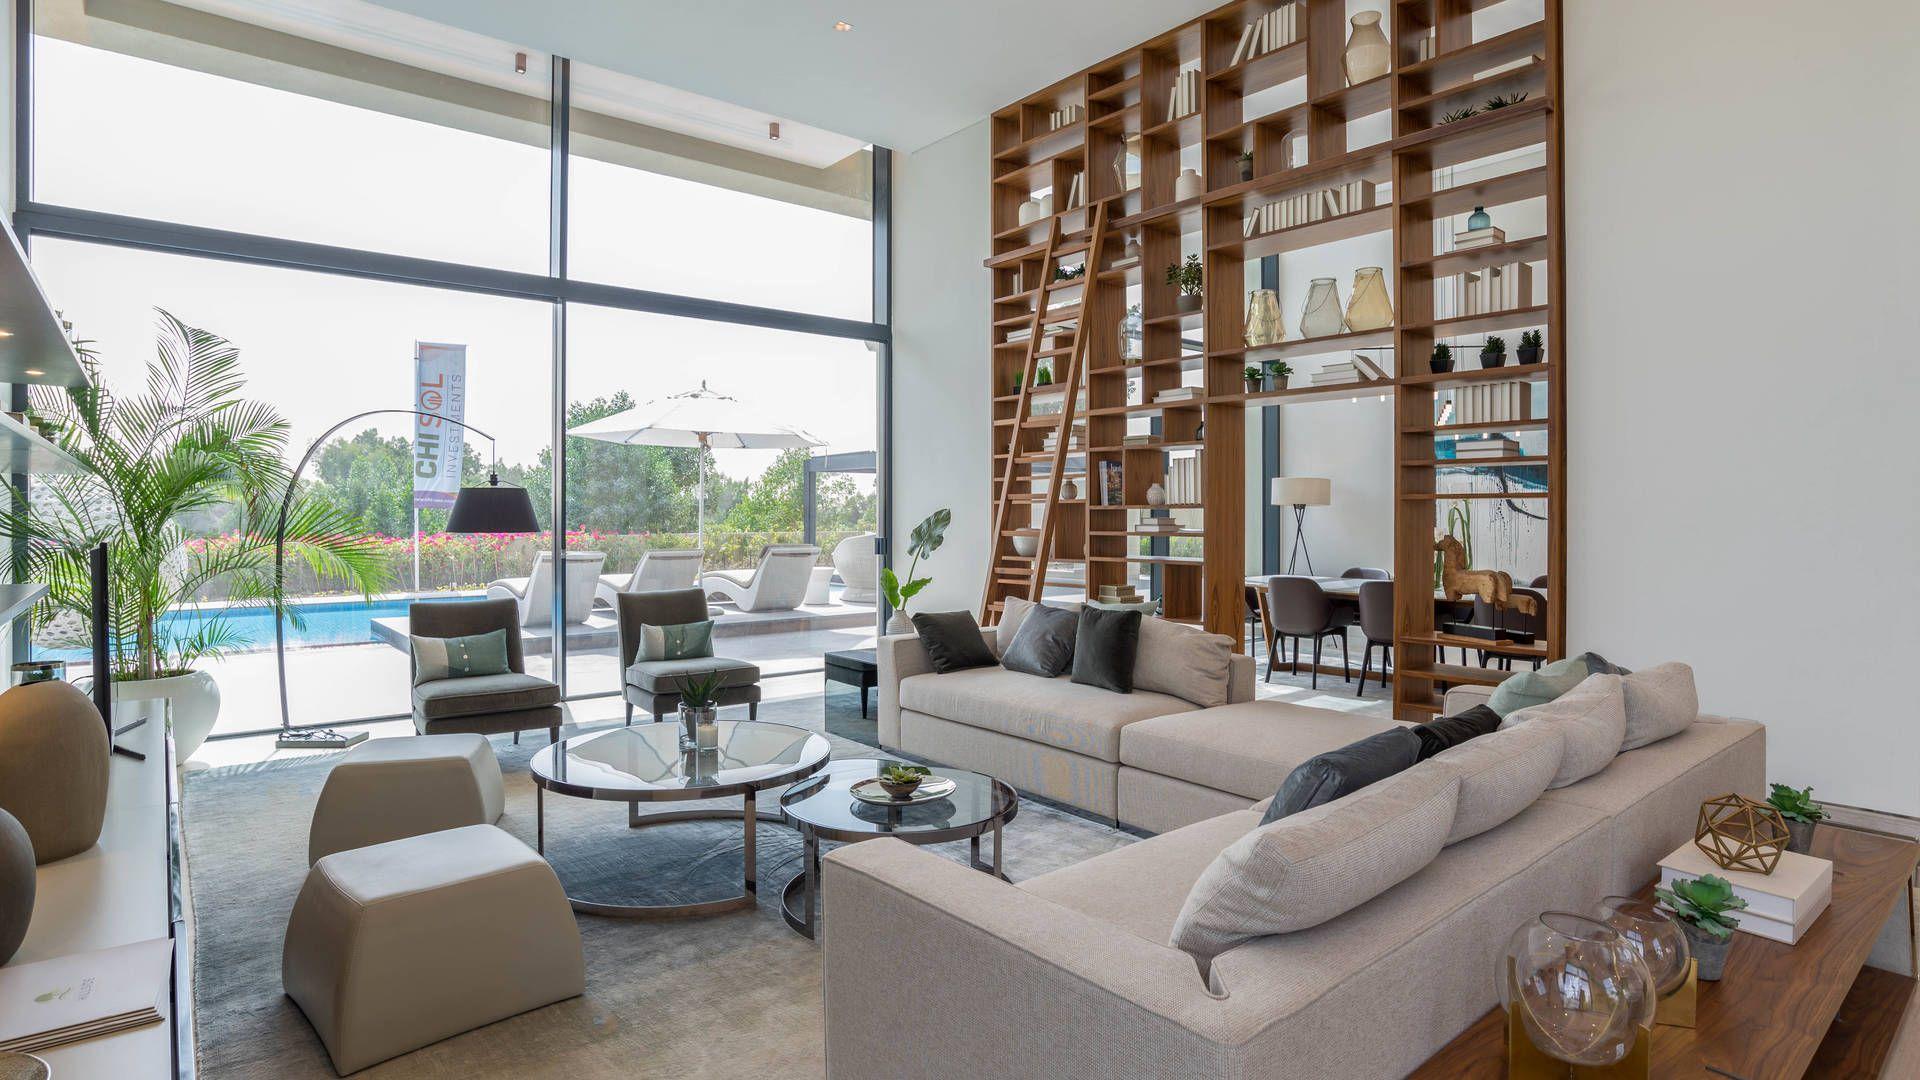 Villa en venta en Dubai, EAU, 6 dormitorios, 1117 m2, № 24249 – foto 5